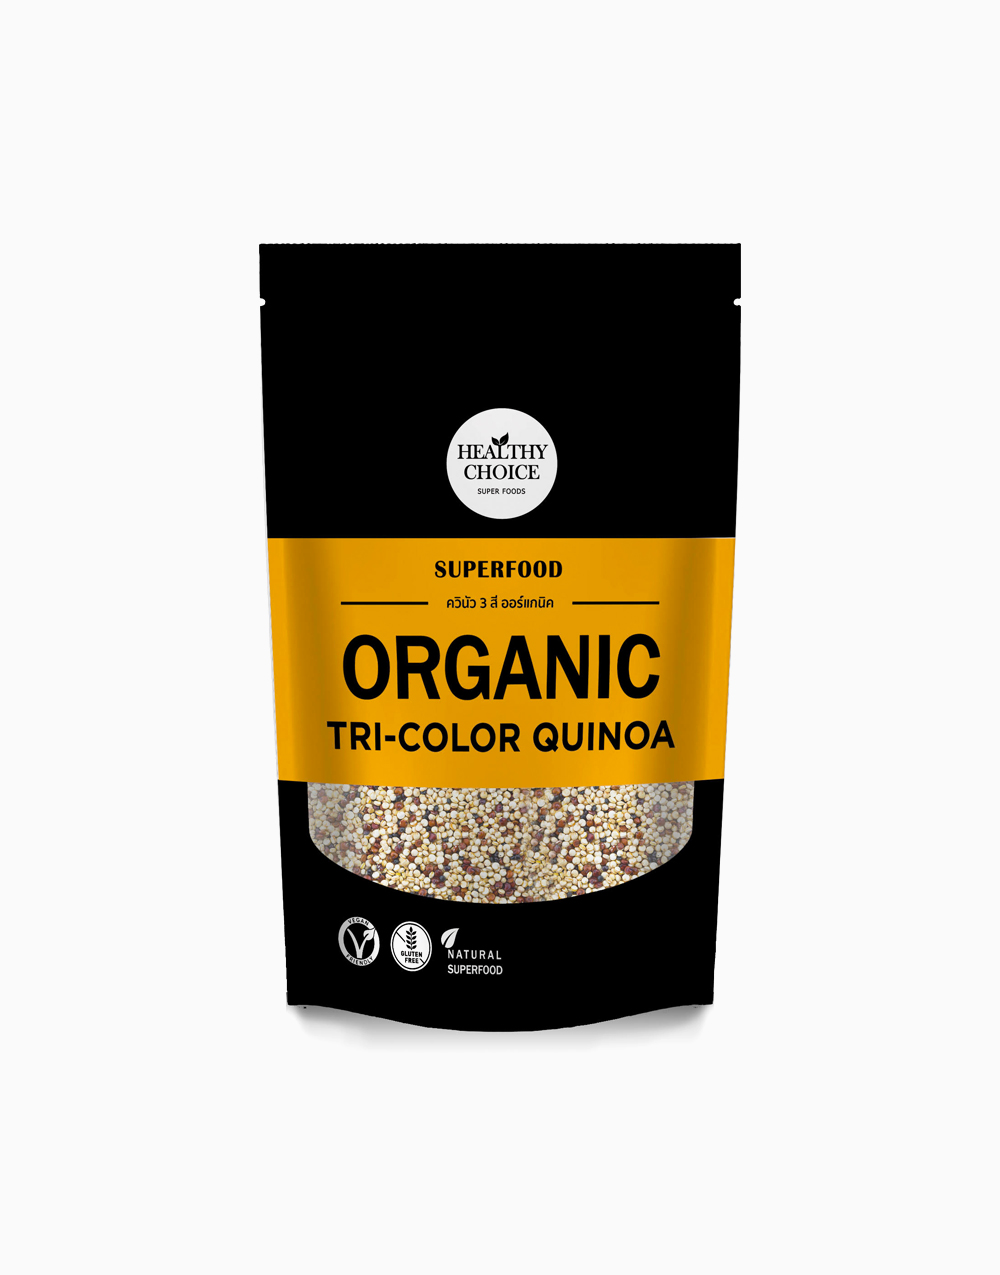 Tri-Color Quinoa (300g) by Healthy Choice PH